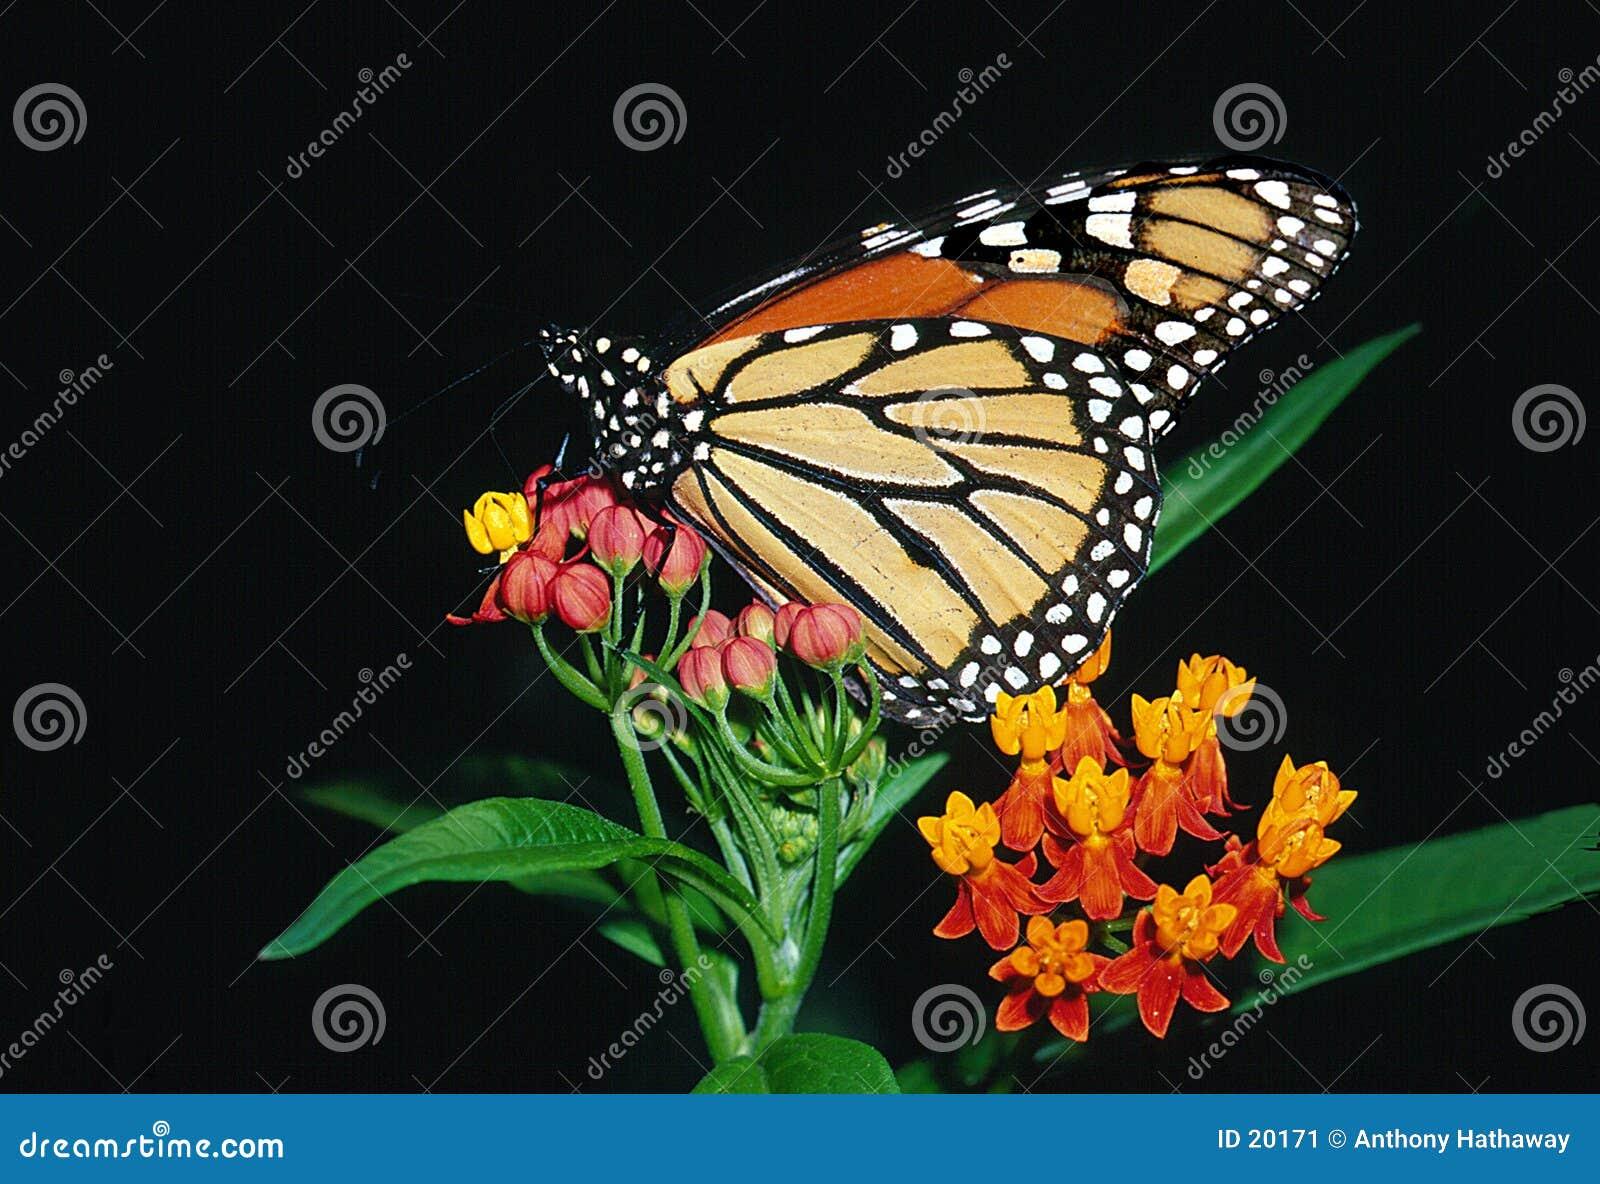 Monarch-Basisrecheneinheit auf Bloodflower